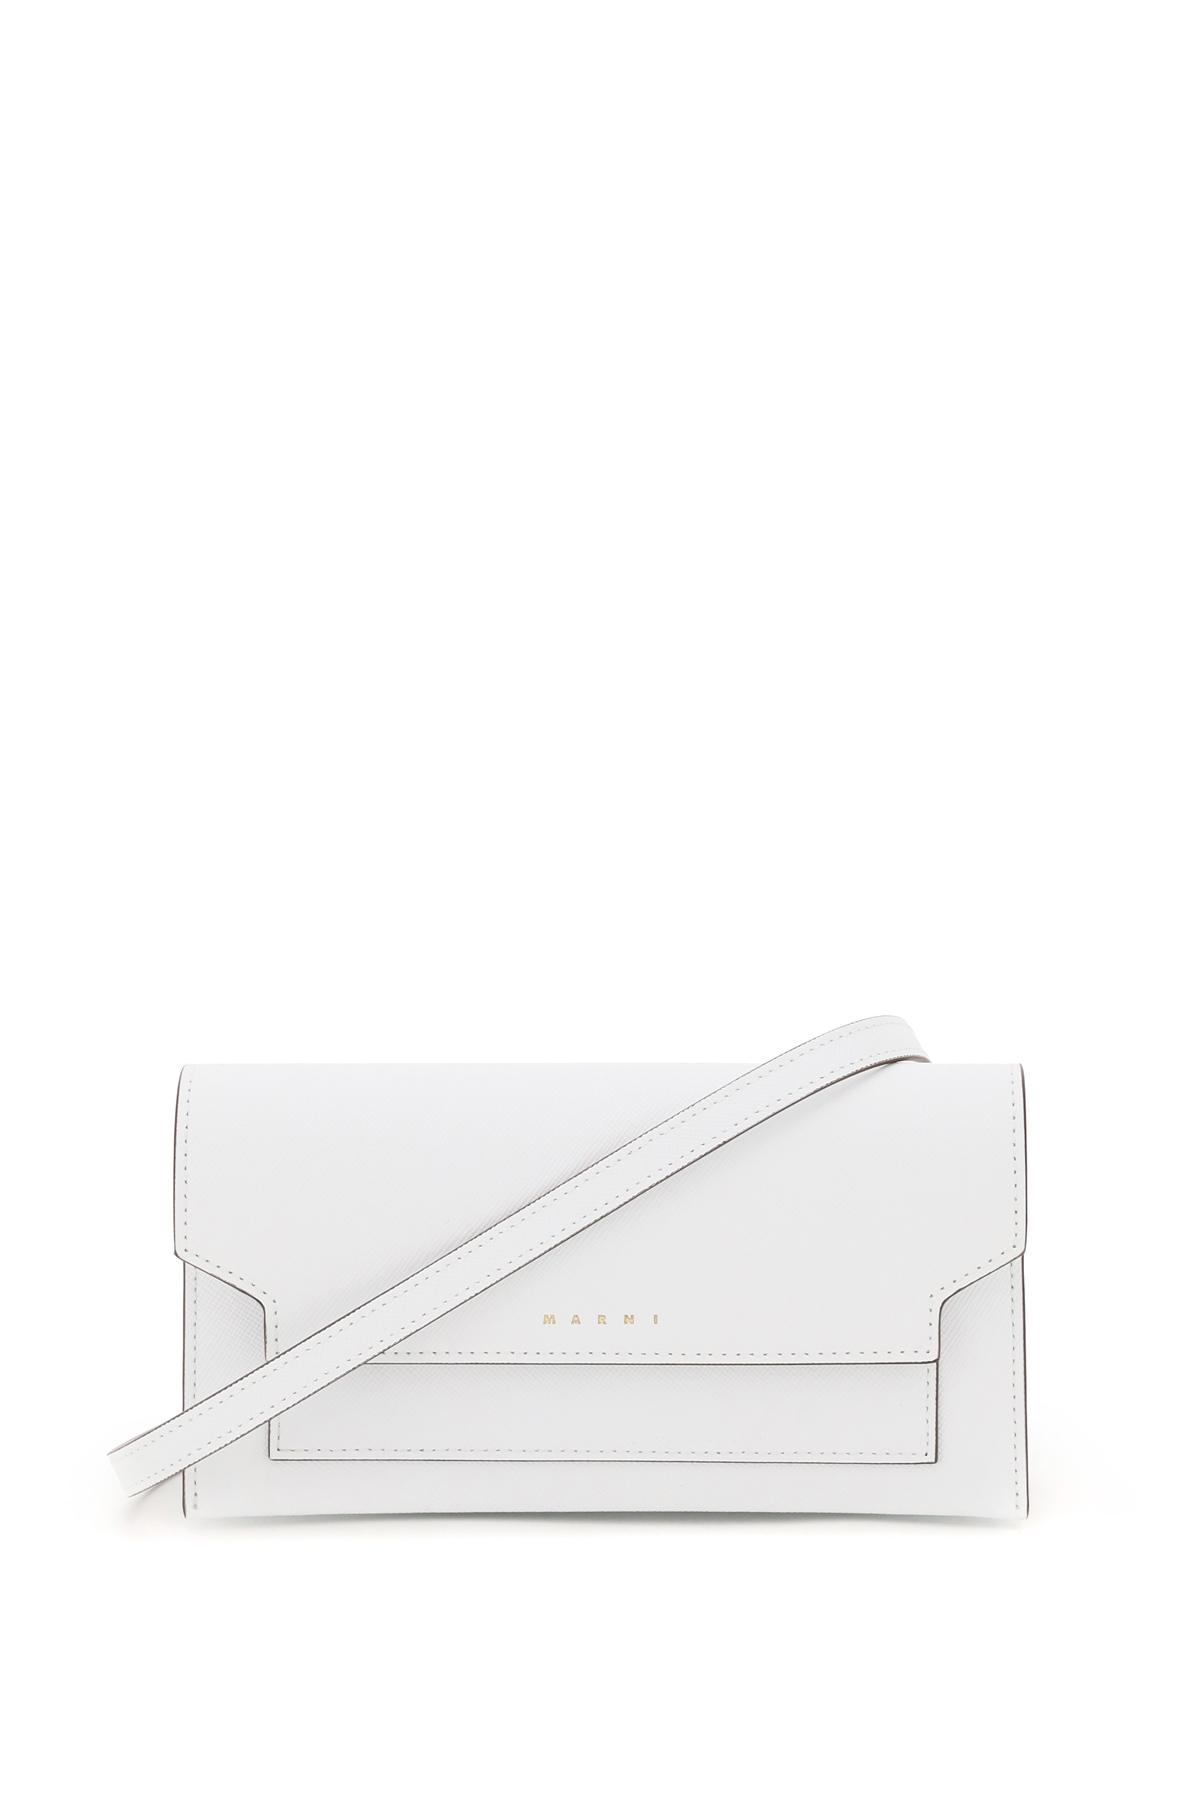 Marni mini bag portafoglio con tracolla